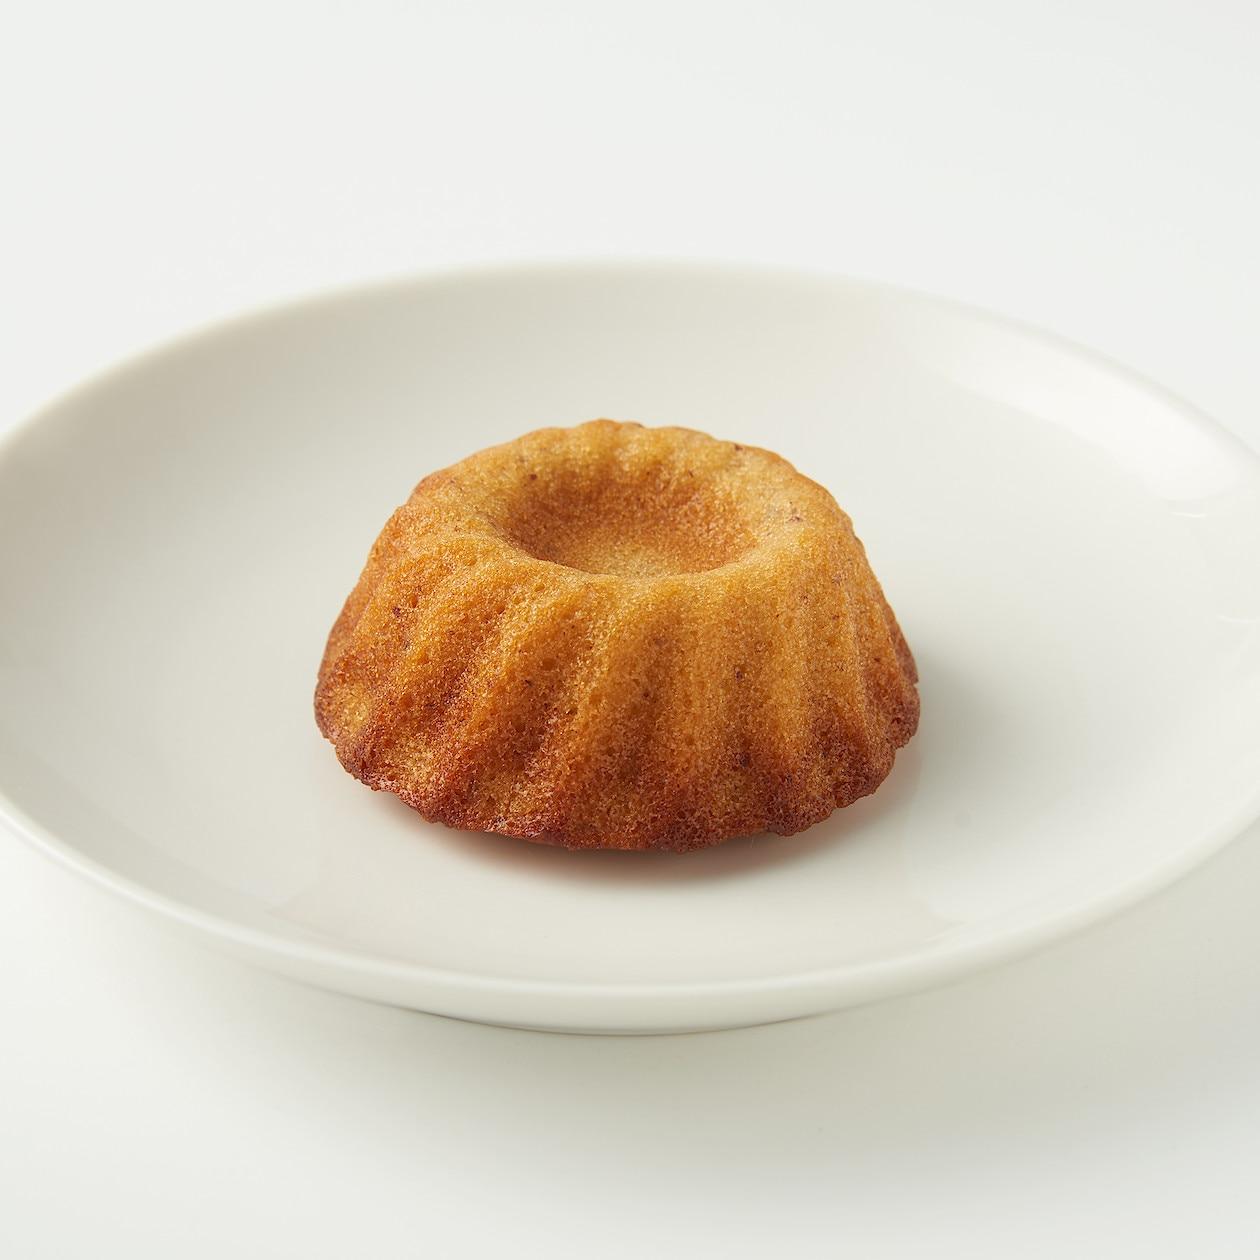 糖質10g以下のお菓子 クグロフ